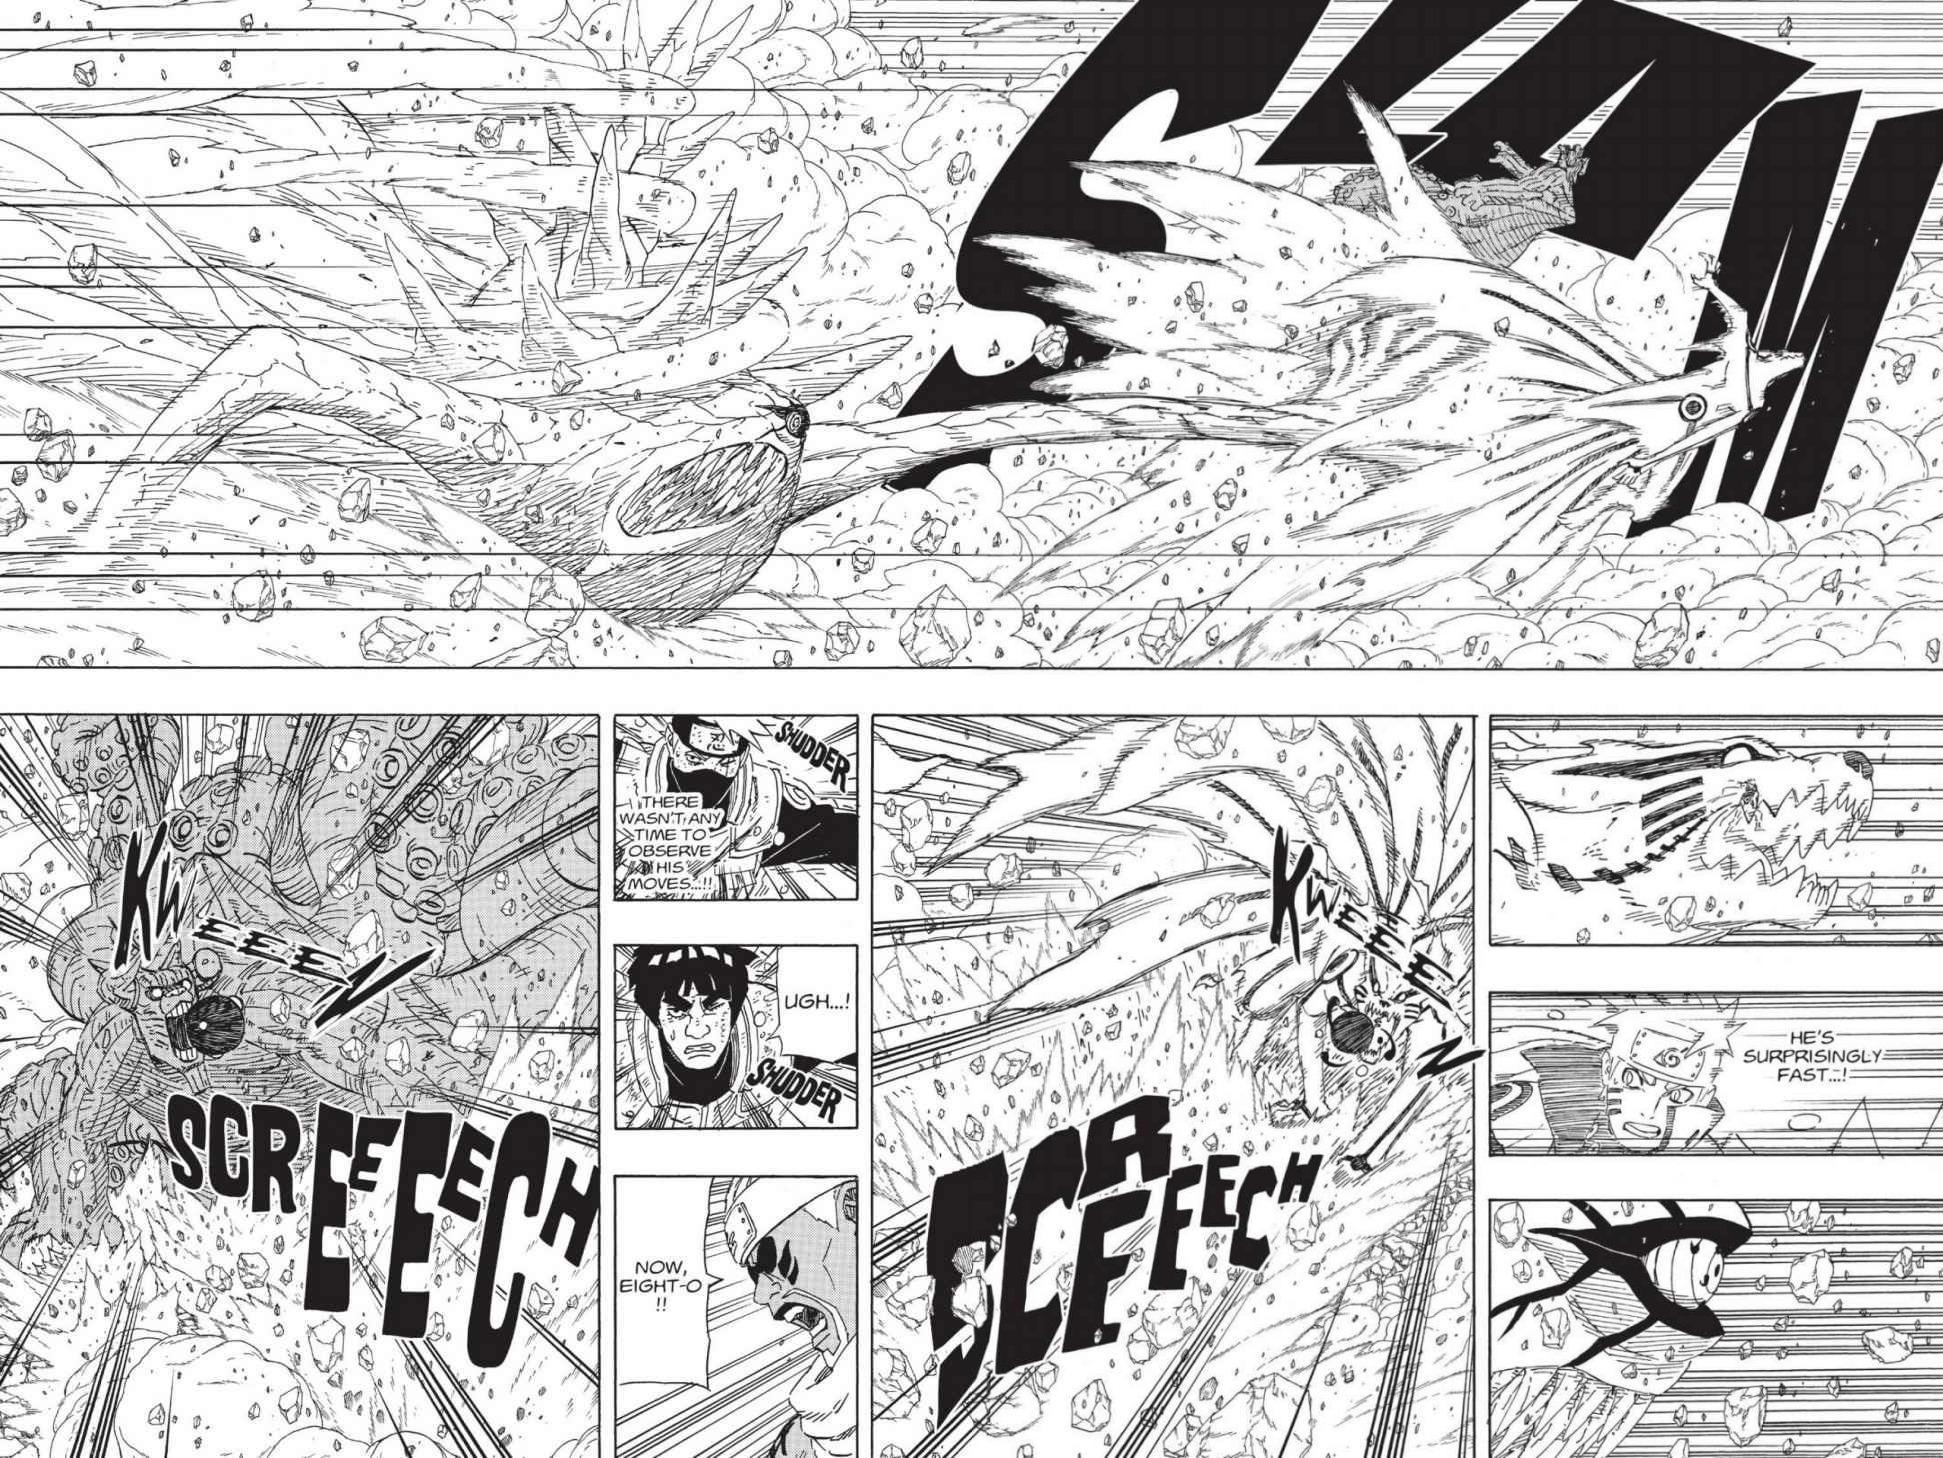 Itachi vs Killer Bee: Destrinchando a luta! - Página 2 0610-009